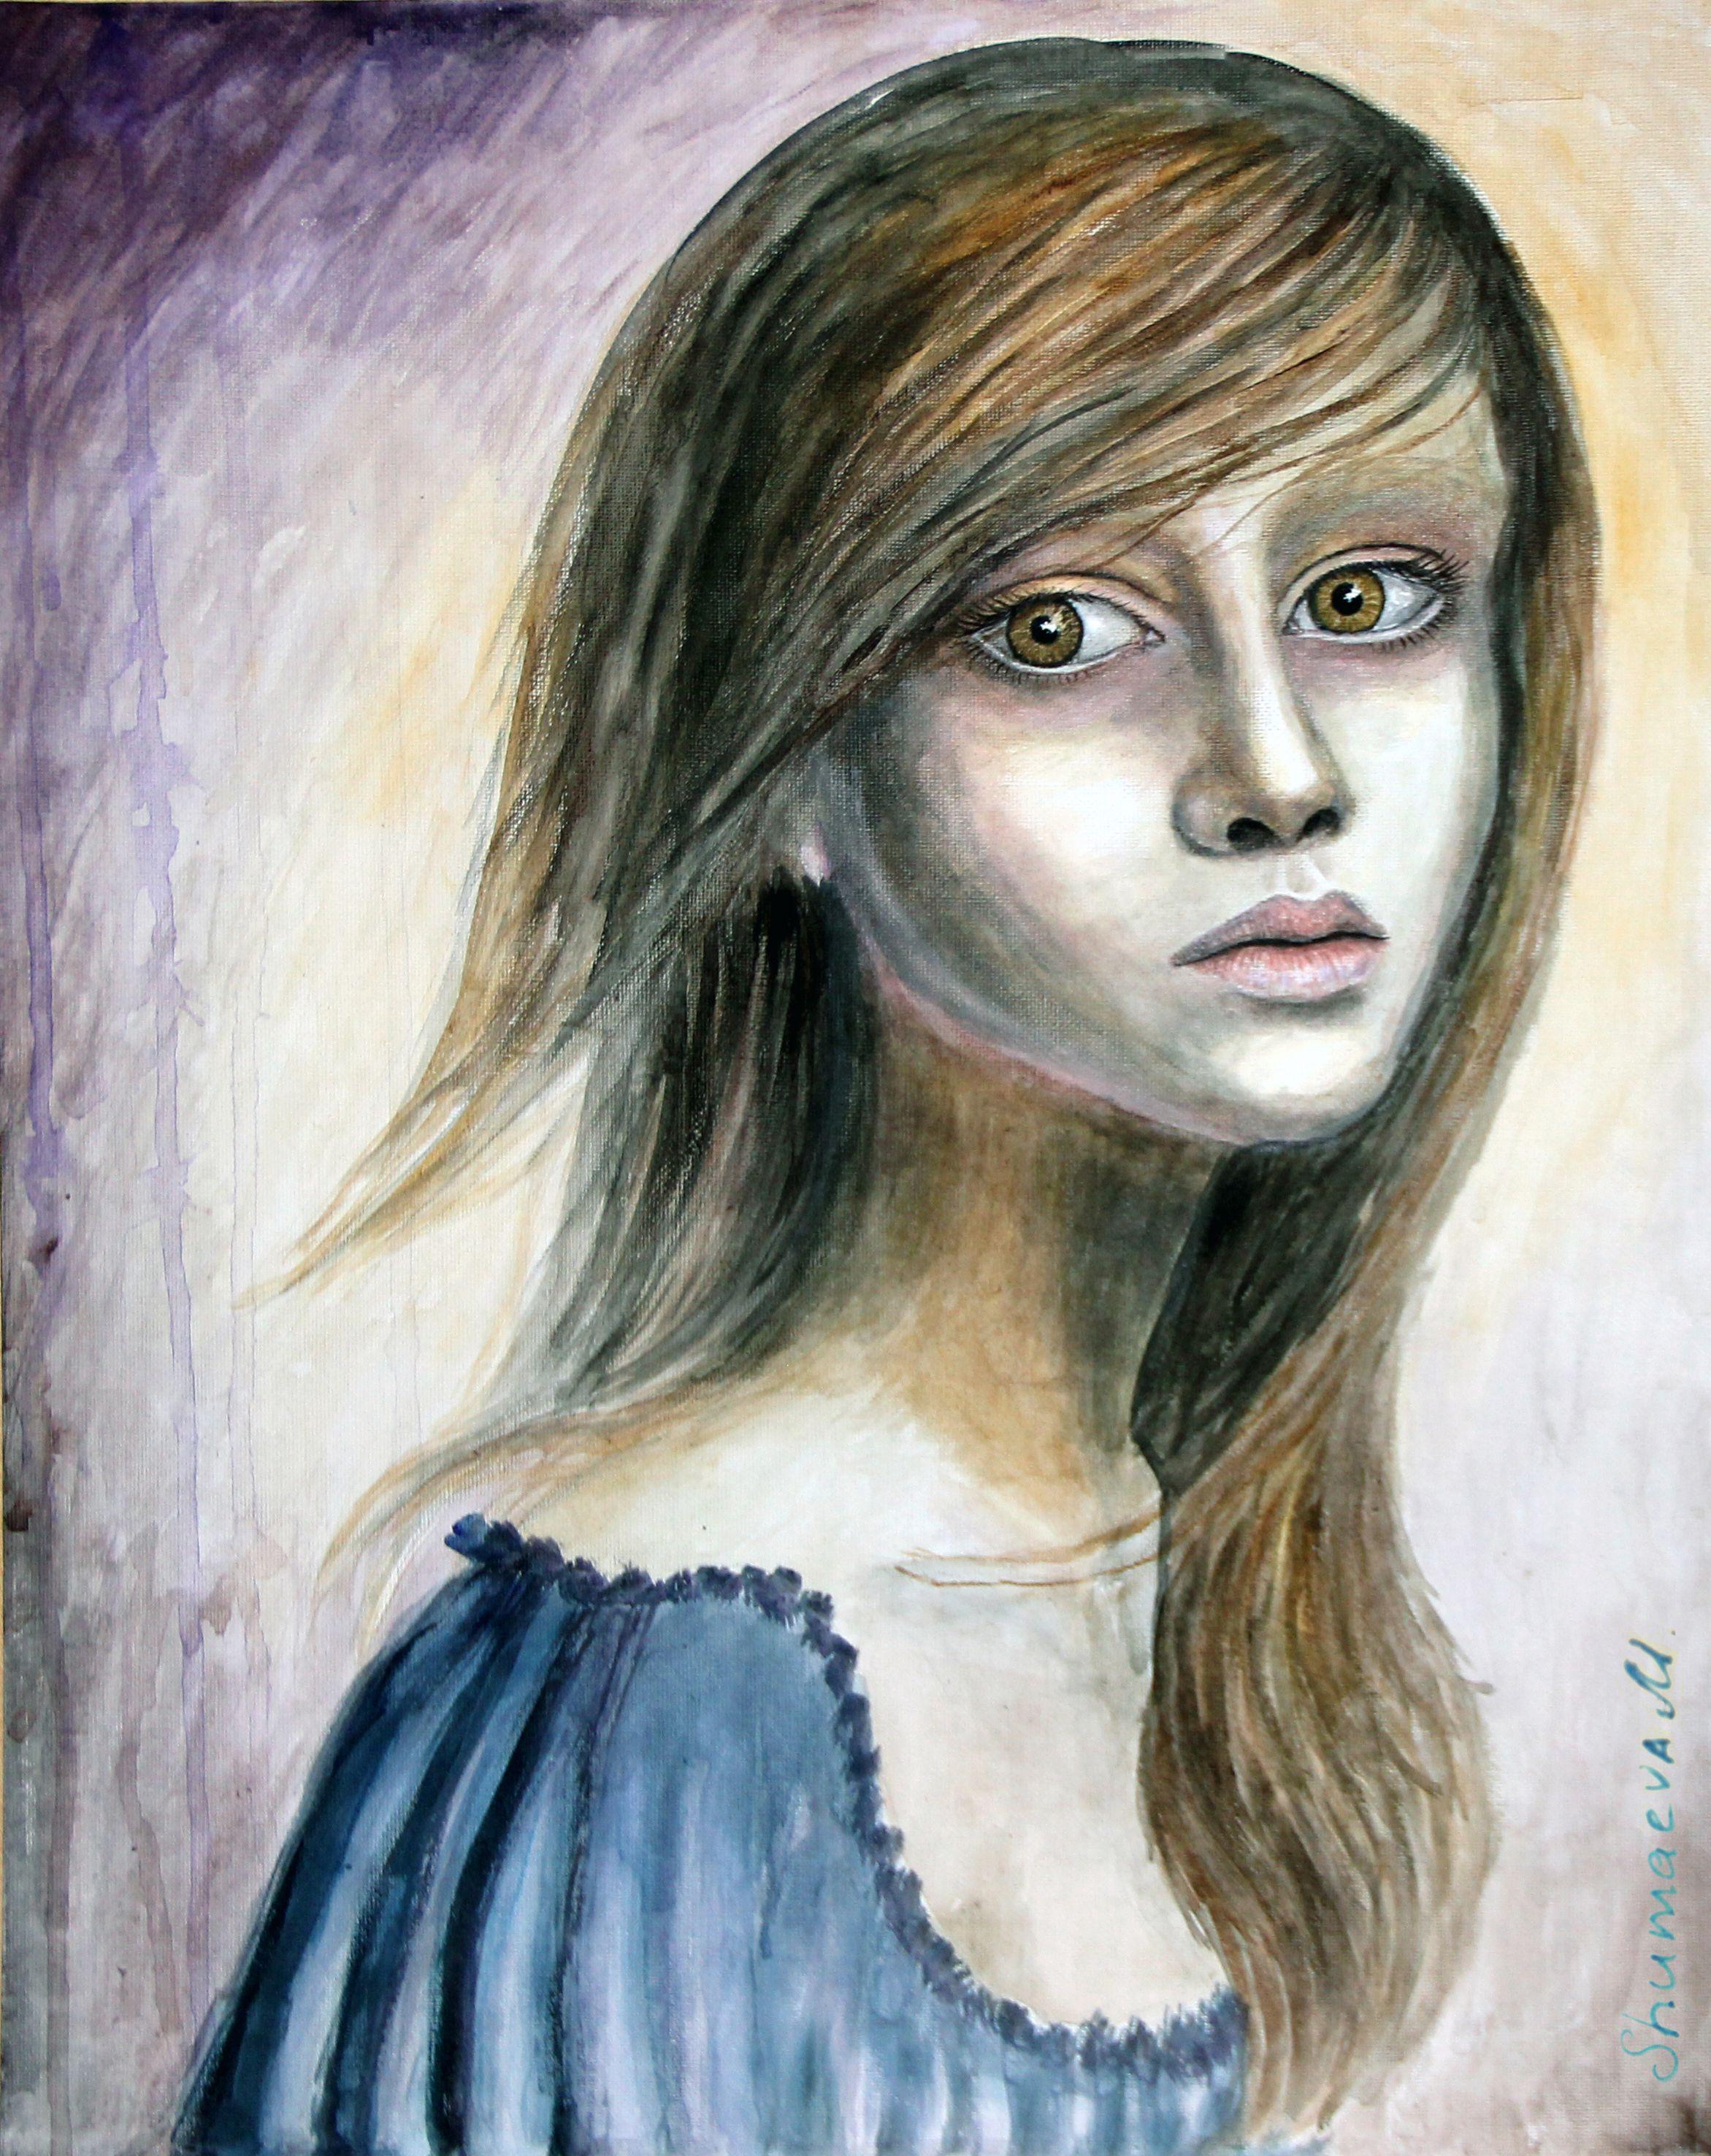 girl portrait acrylicpaints woman picture